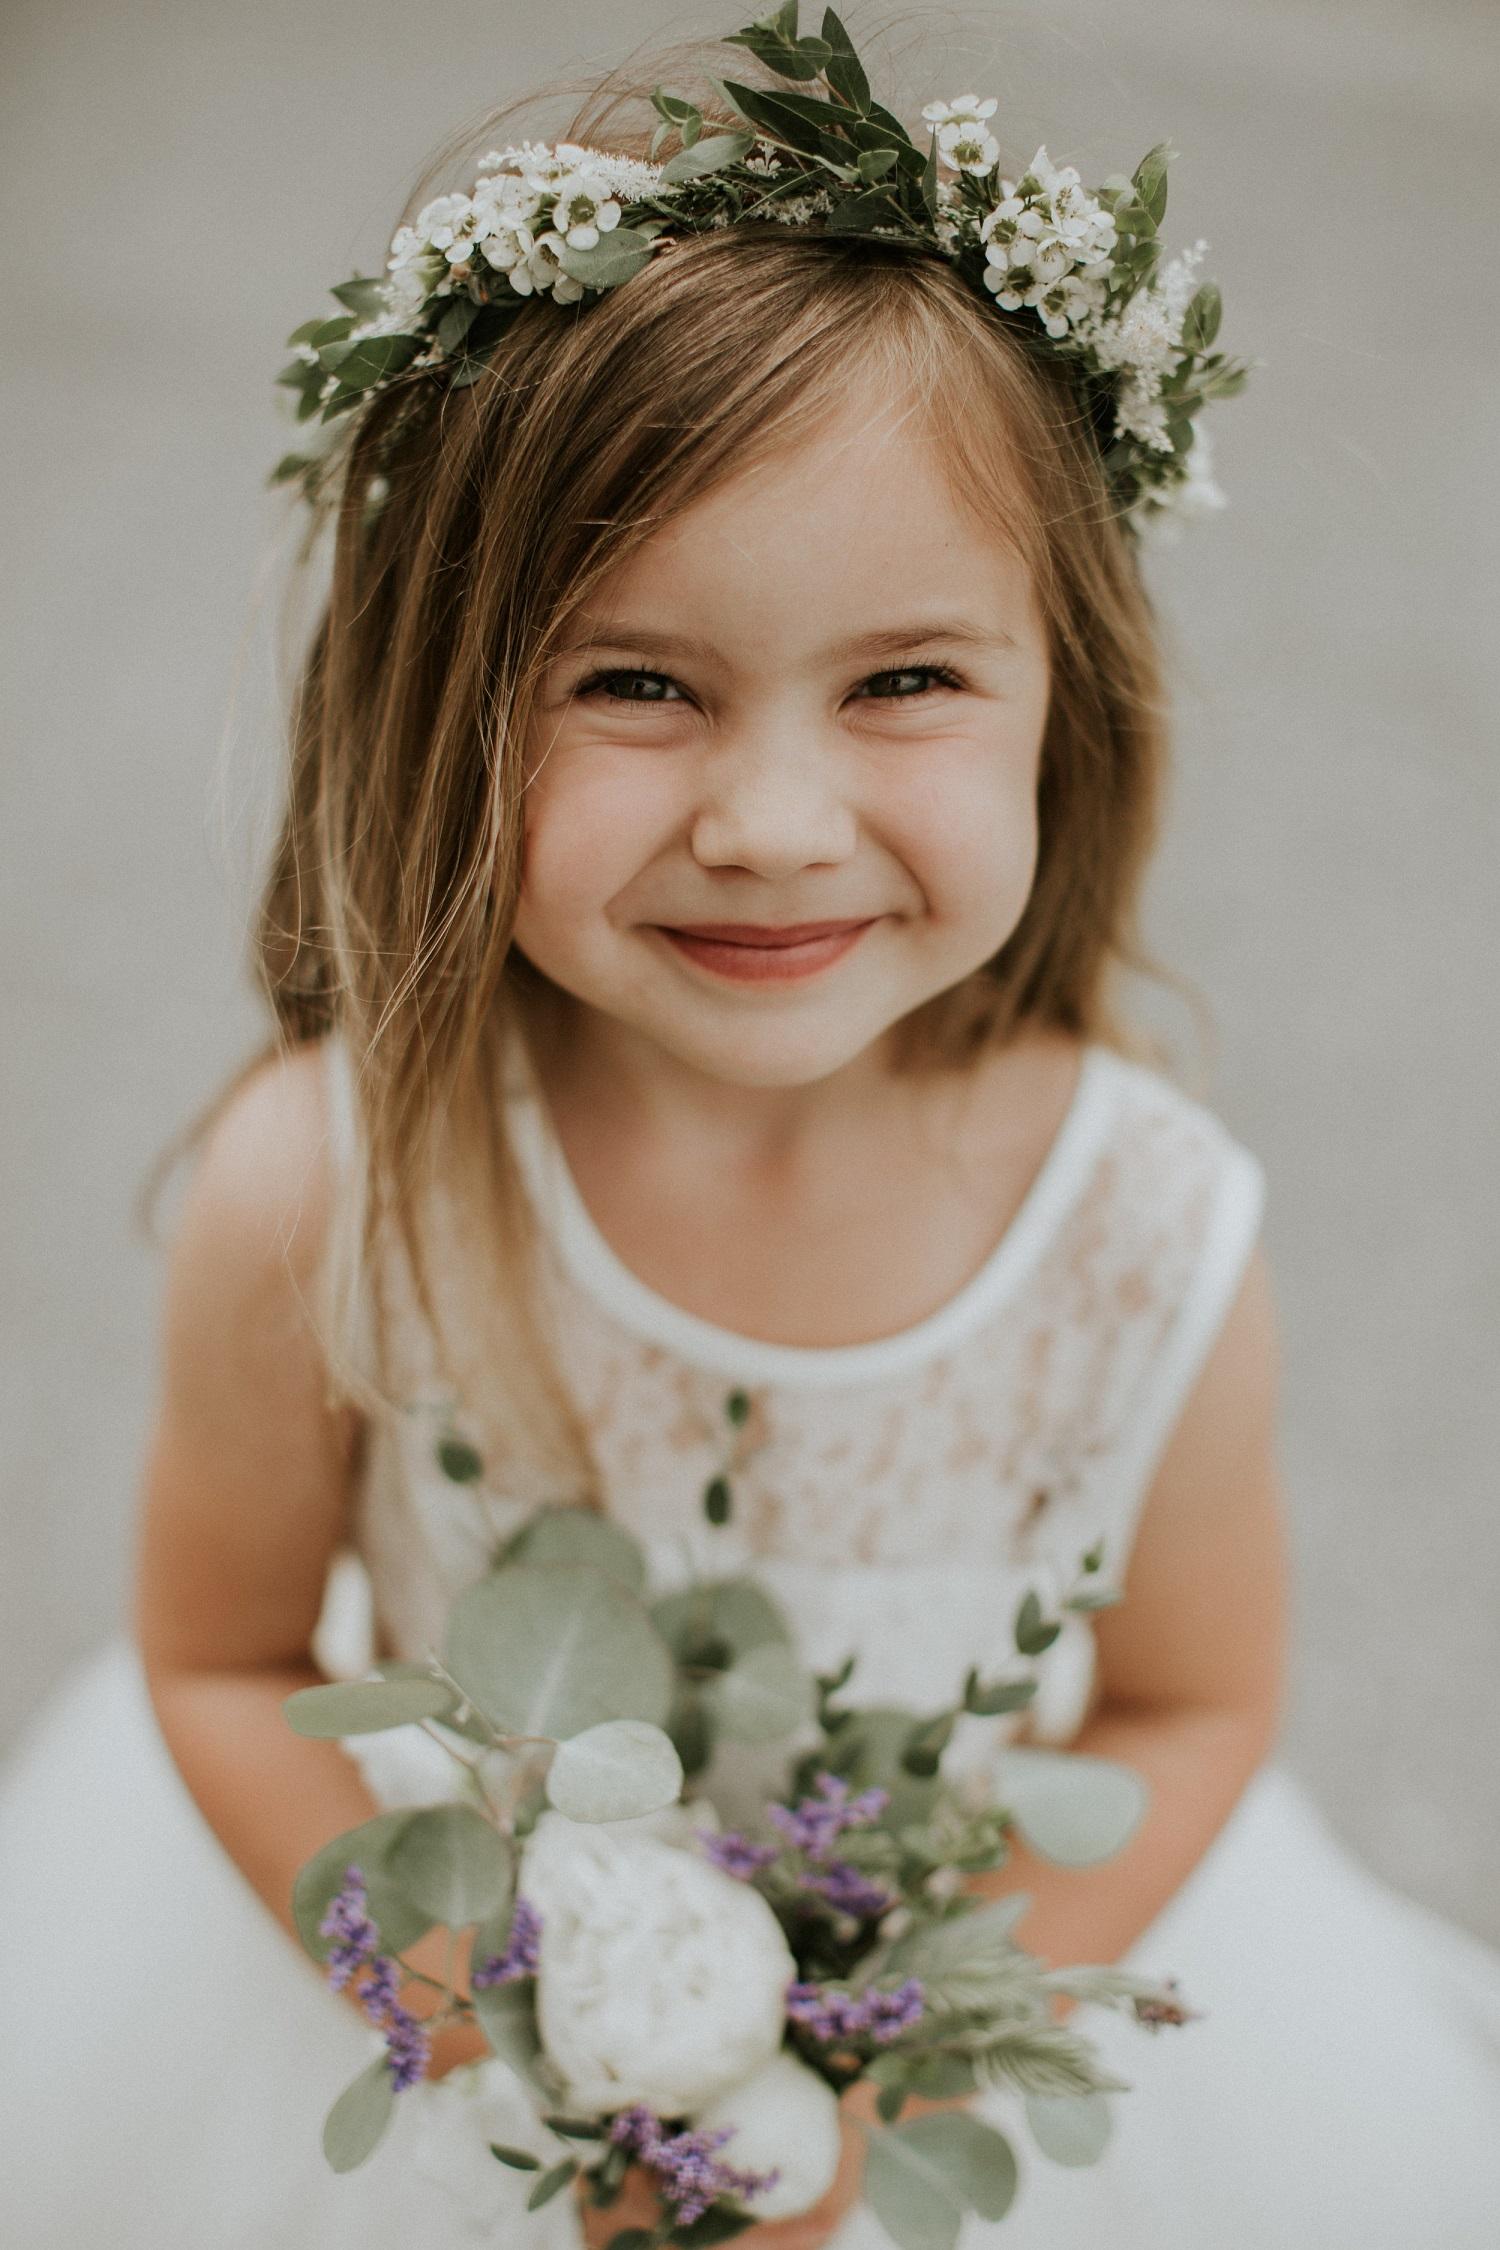 Bruidsmeisje met bloemen